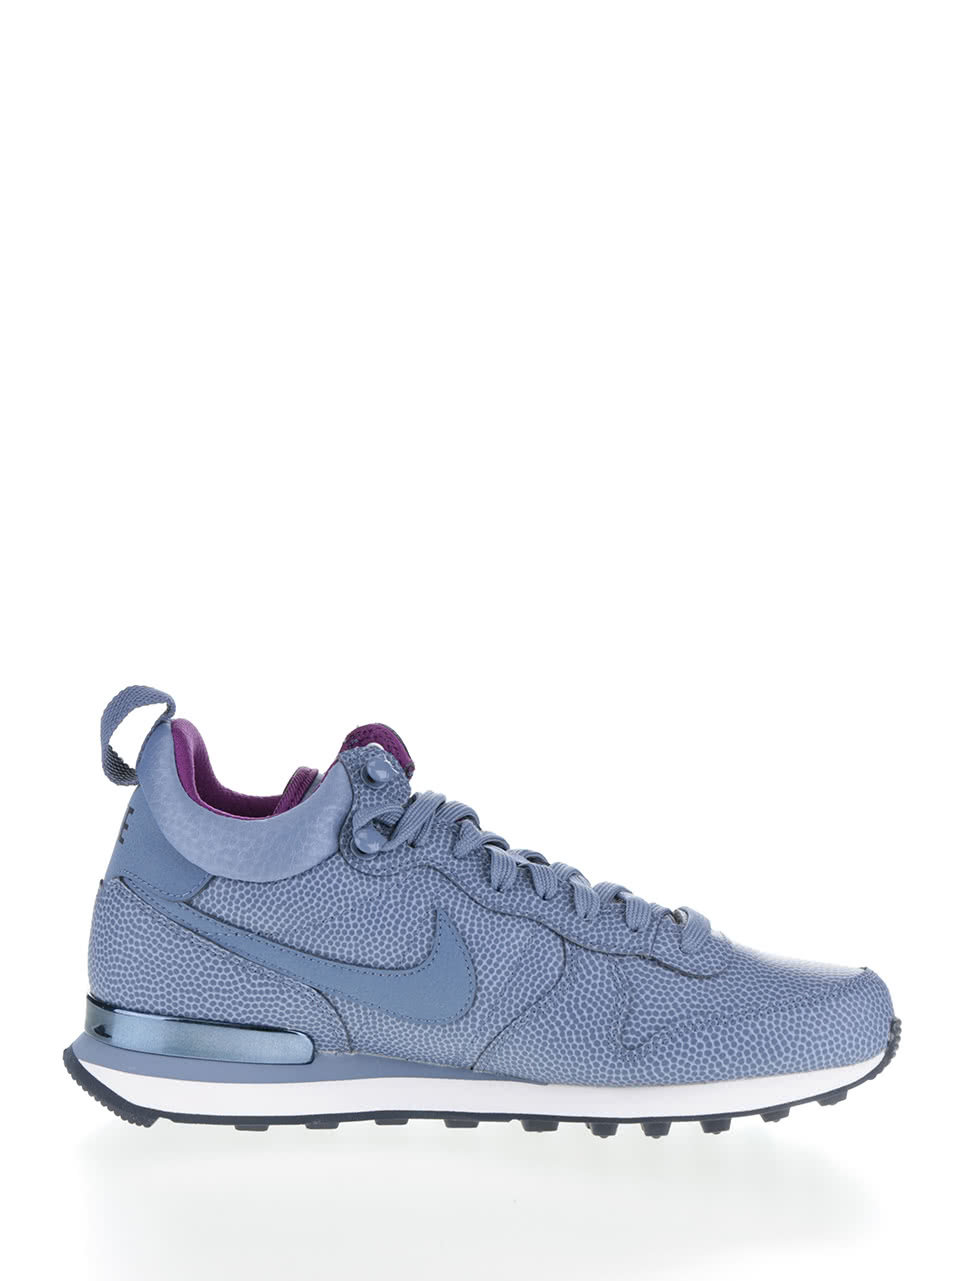 b55810c51e7 Modré kožené dámské kotníkové tenisky Nike Internationalist Mid Leather ...